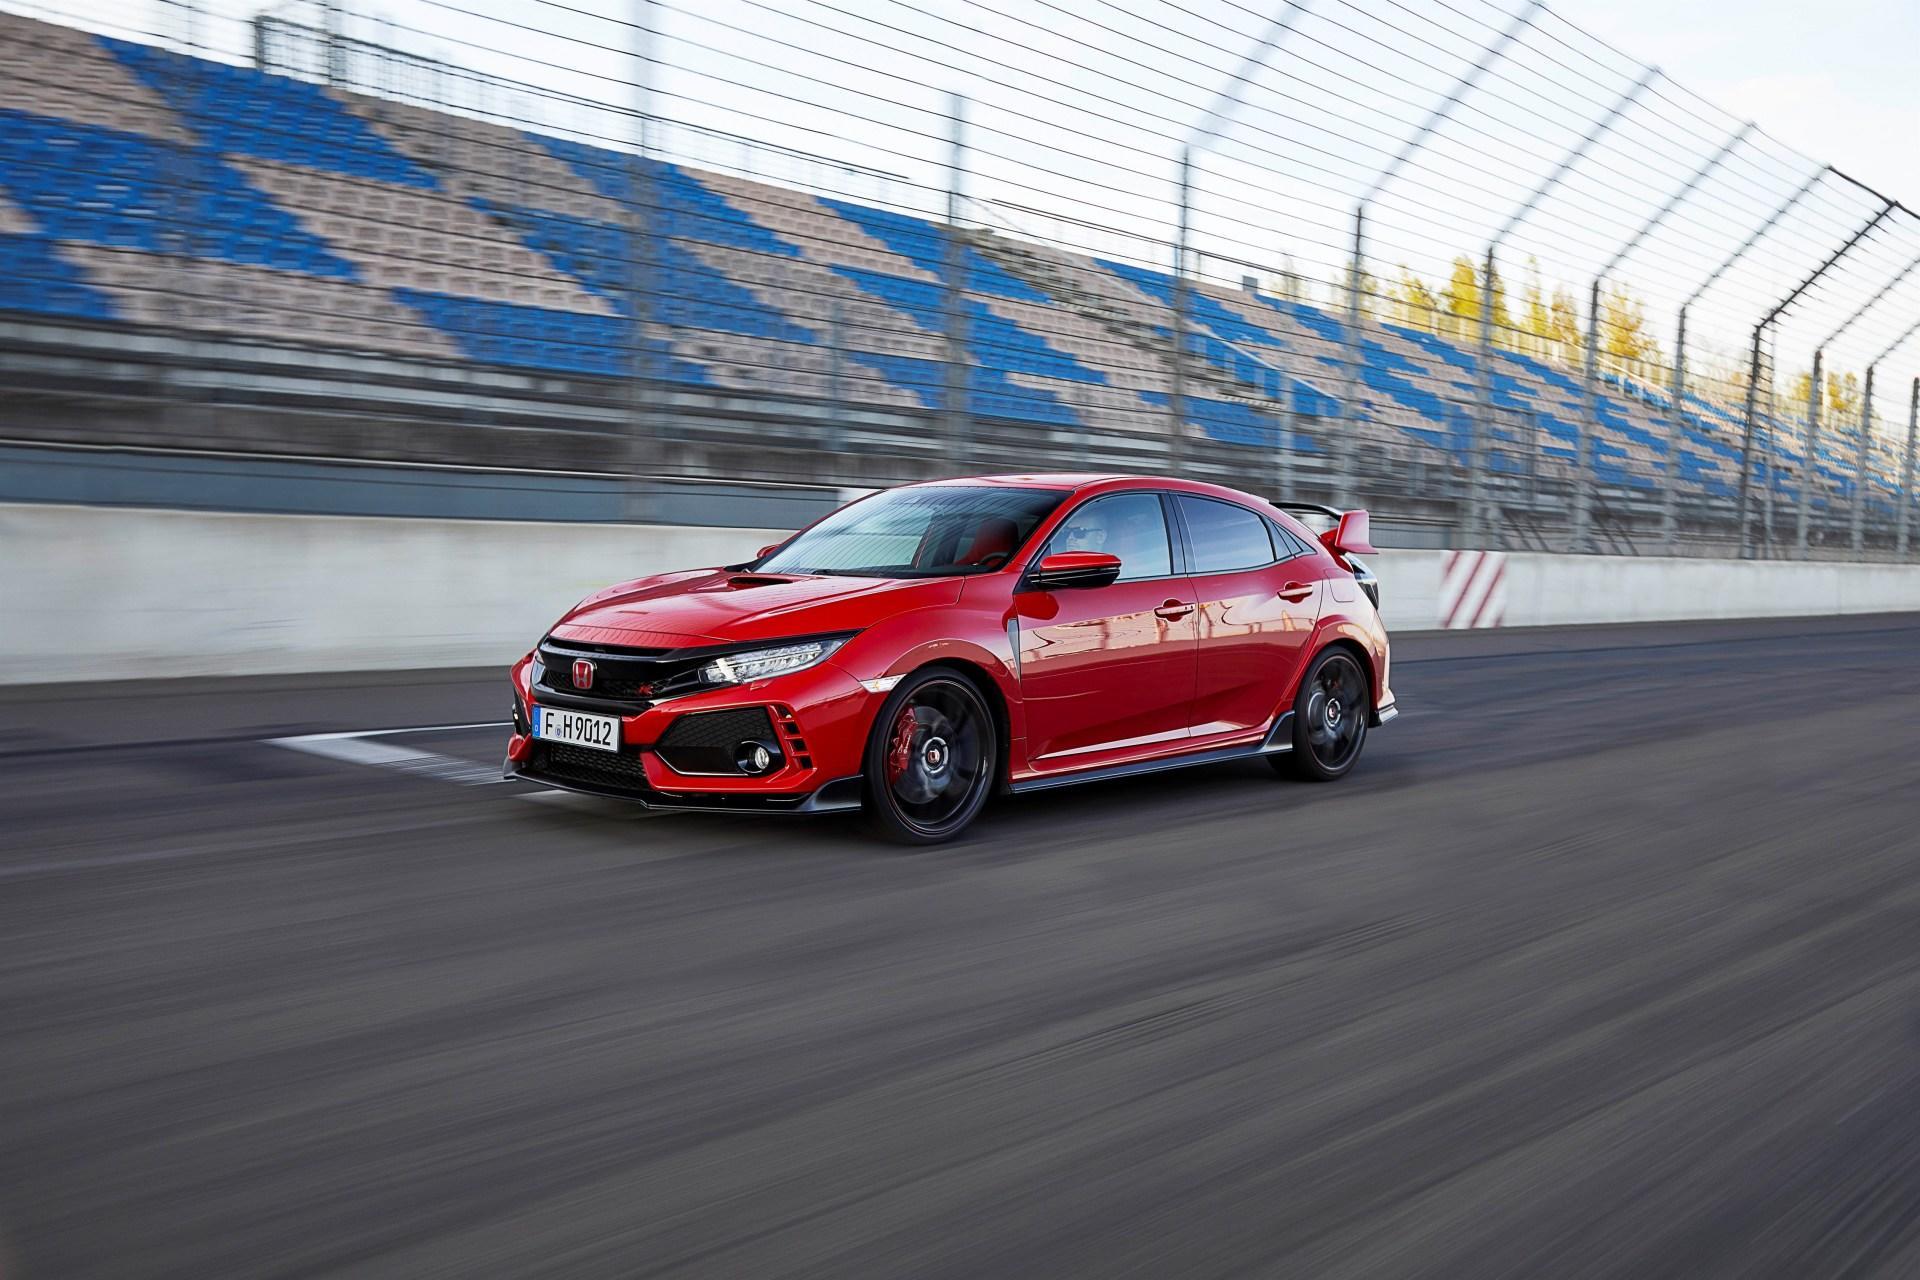 ¿Por qué tiene tres salidas de escape el Honda Civic Type R? ¿tienen utilidad real o es una oda al tuning?